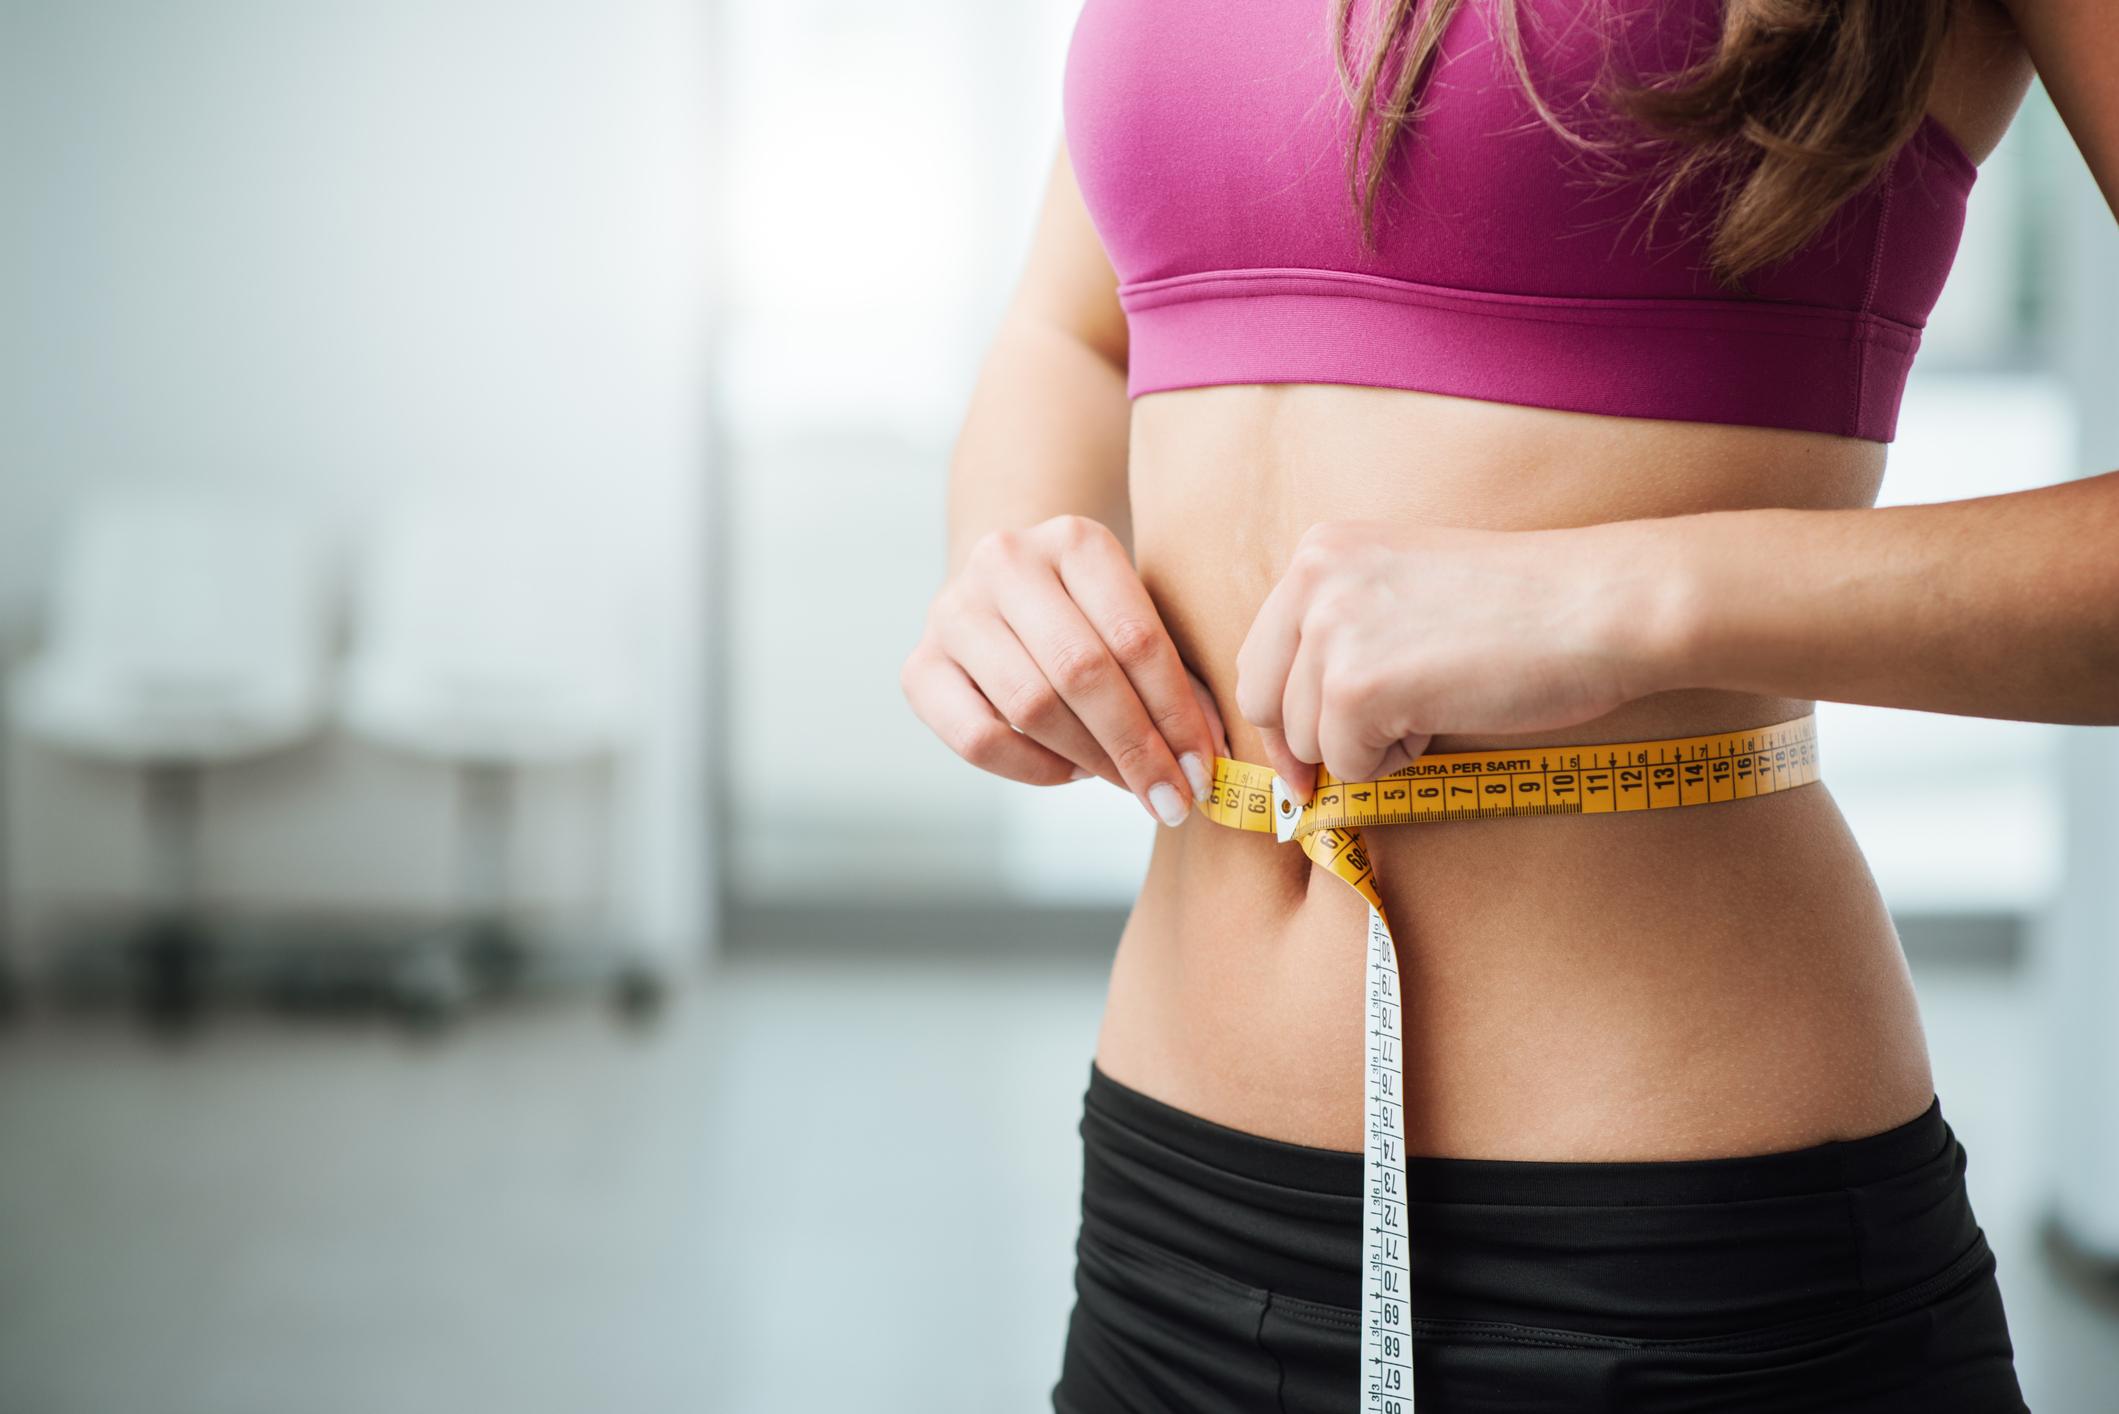 Вакуум живота: як робити популярний вправу без шкоди для здоров'я